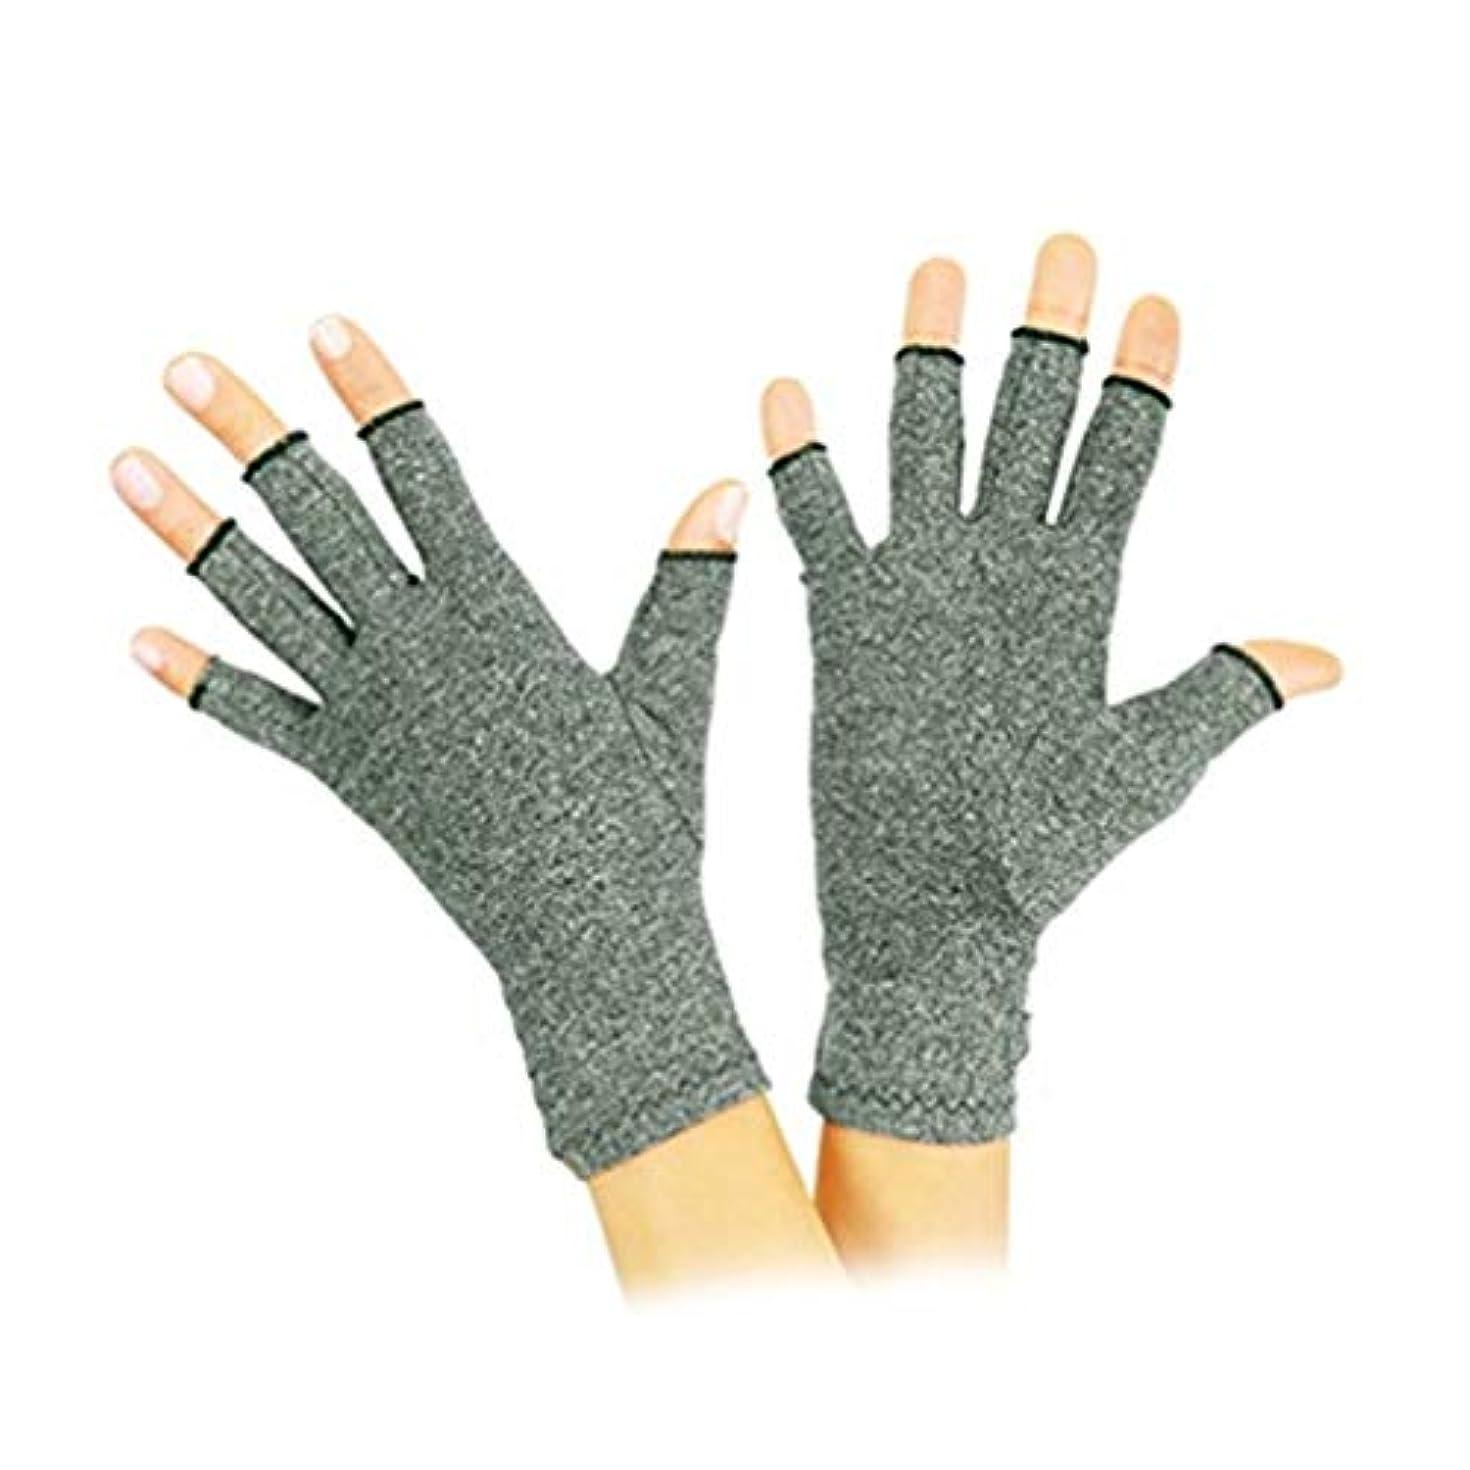 居間困惑知覚できる関節リウマチリウマチ性変形性関節症用手袋圧縮手袋コンピュータ入力用痛み緩和